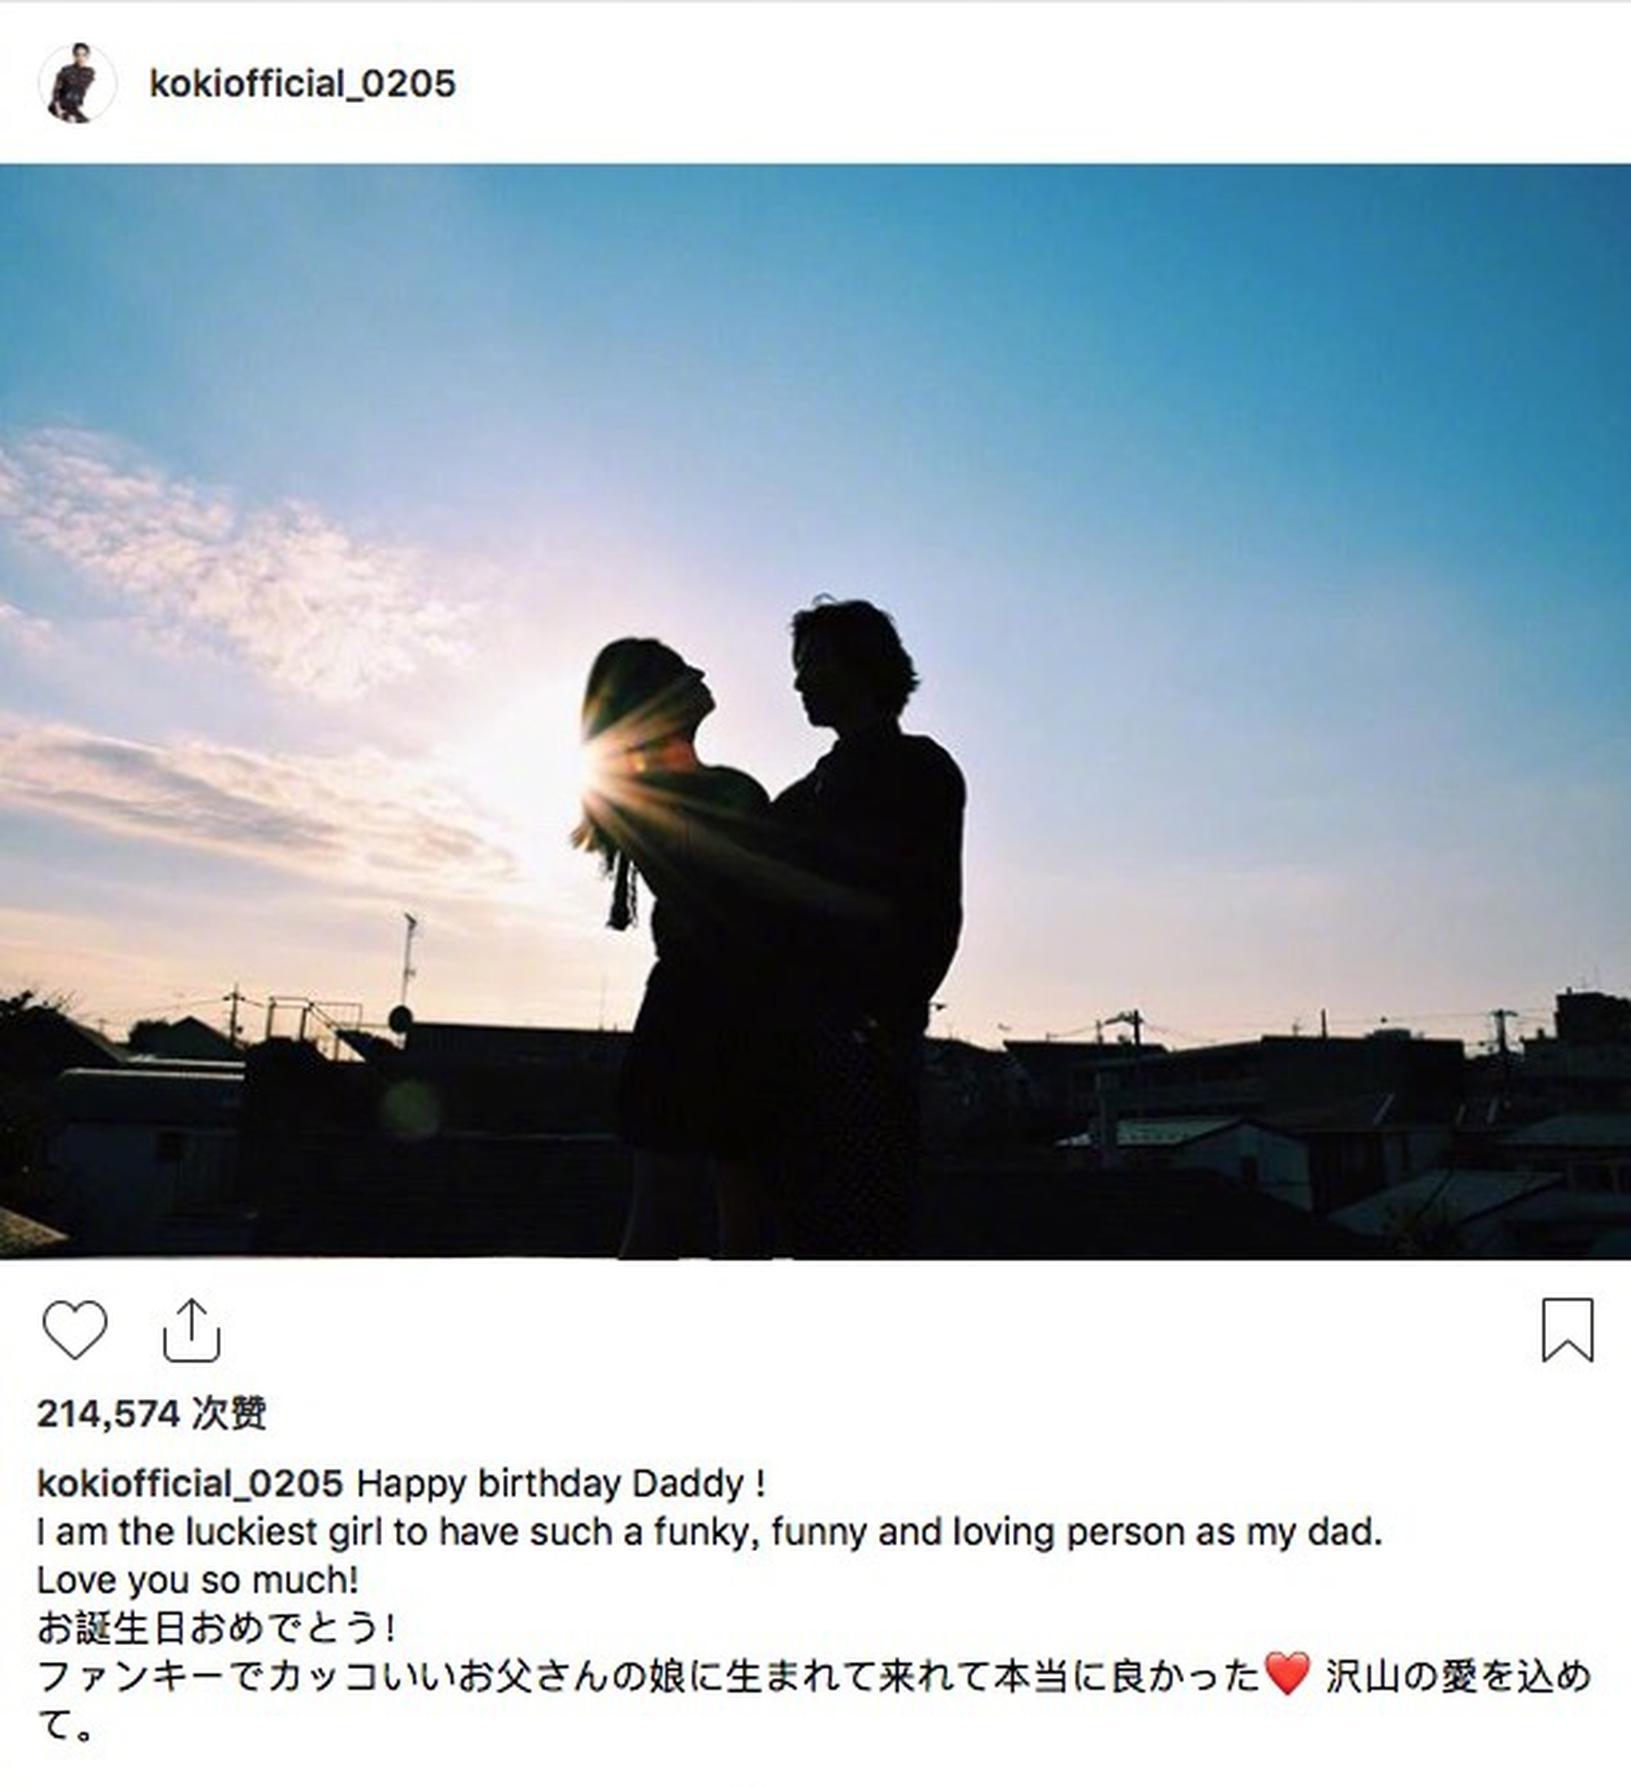 木村光希在个人社交平台晒照祝福父亲生日。